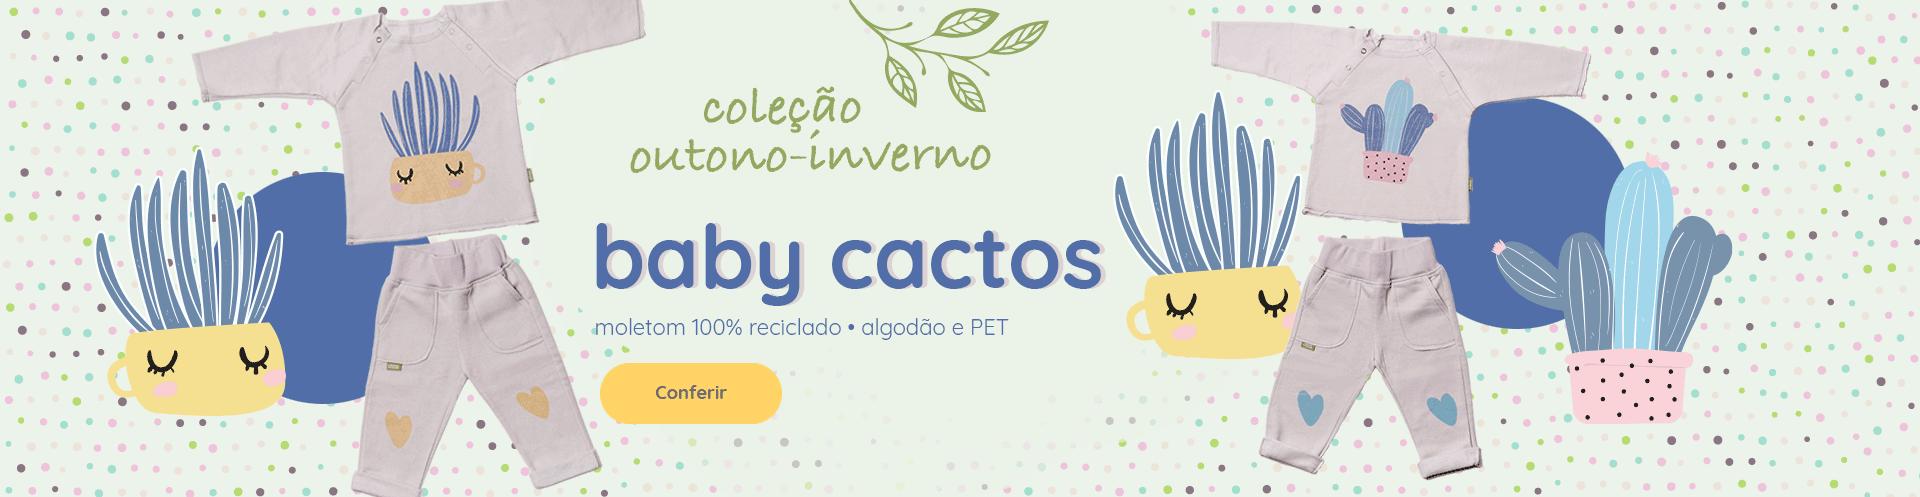 Coleção Baby Cactos